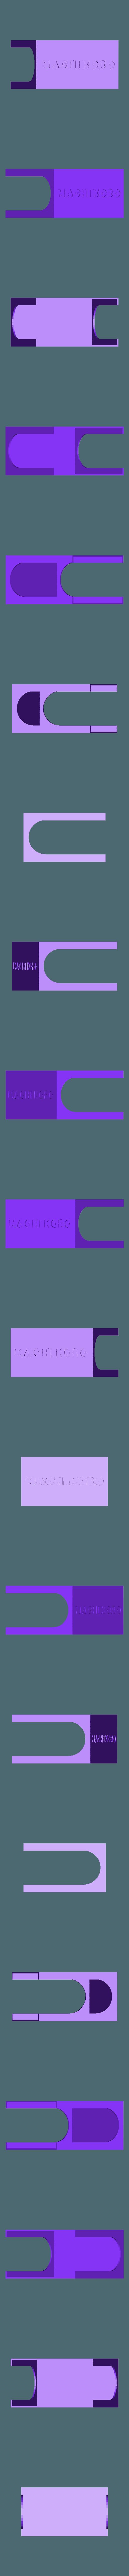 Machio_Koro_Case_5th_Anniversary.stl Télécharger fichier STL gratuit Machi Koro Coffret 5ème Anniversaire • Objet à imprimer en 3D, Hardcore3D